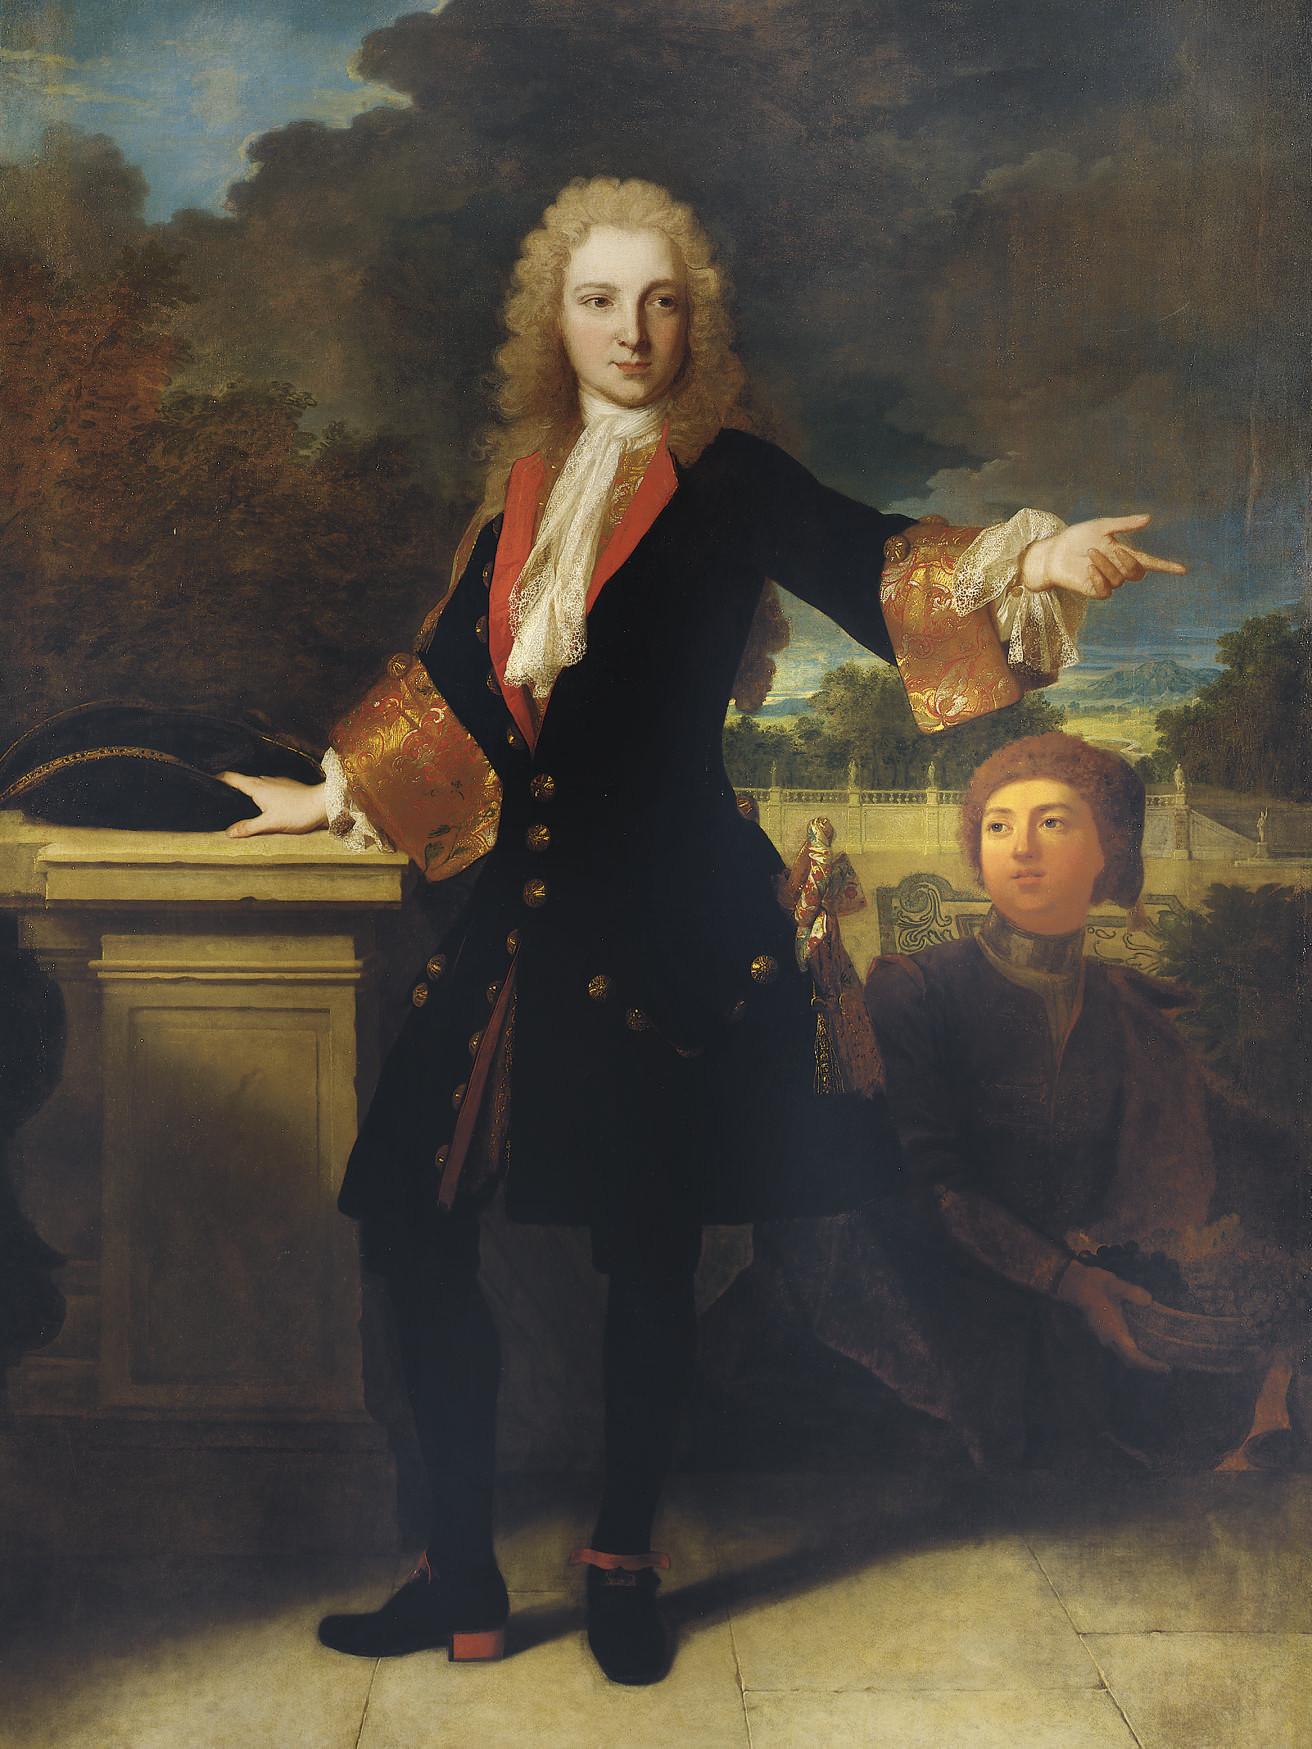 Portrait d'un jeune homme sur une terrasse accompagné d'un page